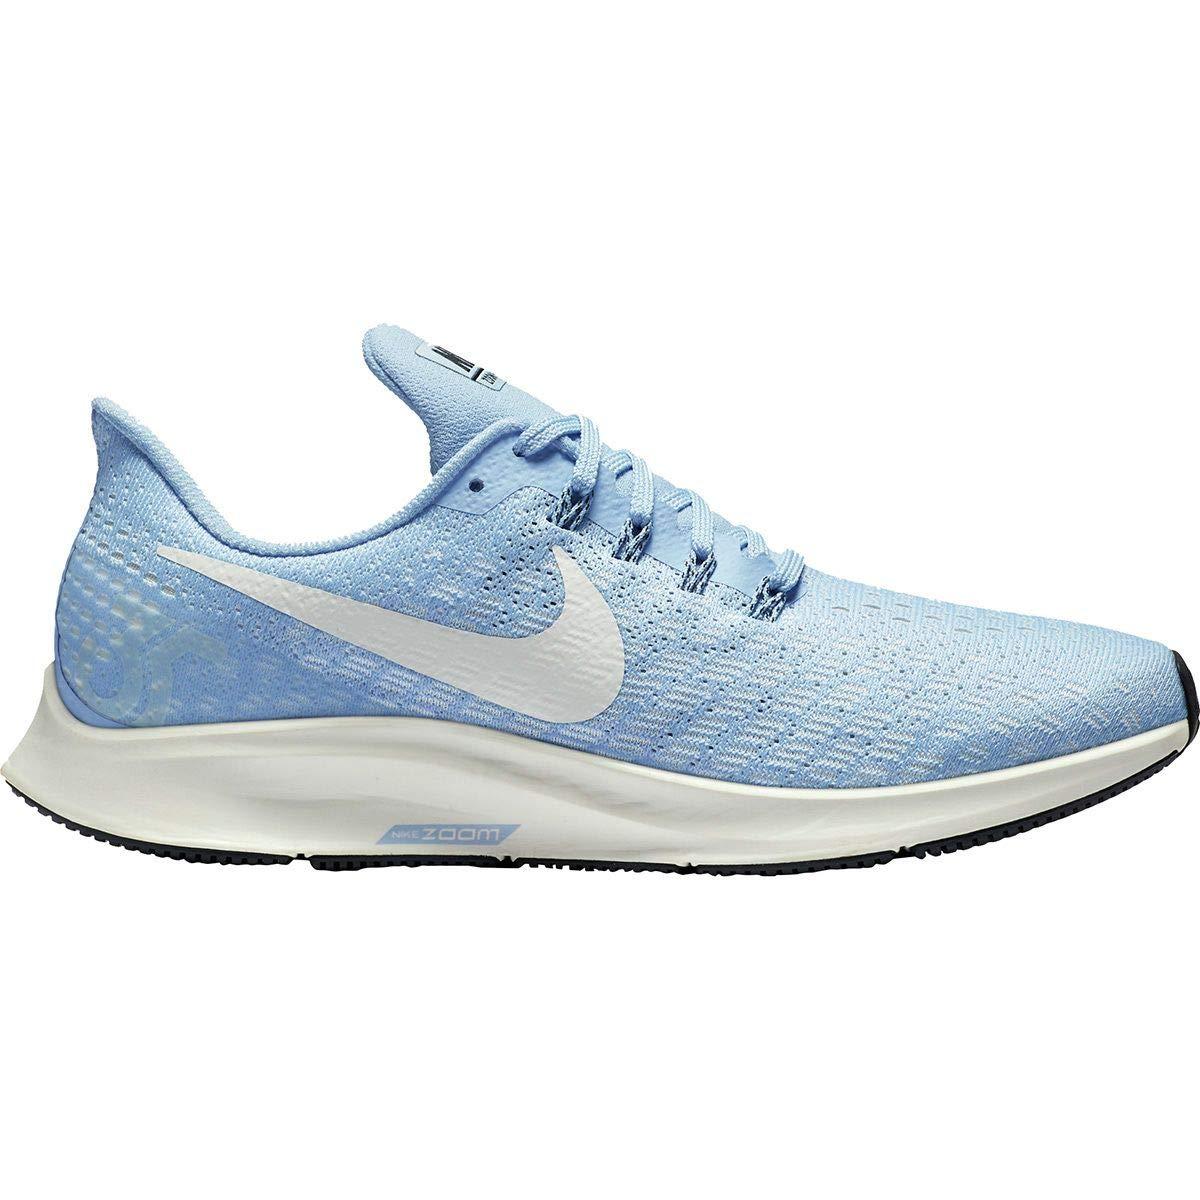 売れ筋商品 [ナイキ] レディース ランニング 35 Air Zoom Pegasus レディース 35 ランニング Running Shoe [並行輸入品] B07P1QJ2WZ 8.5, 葱や けんもち:718a4f72 --- easycartsolution.com